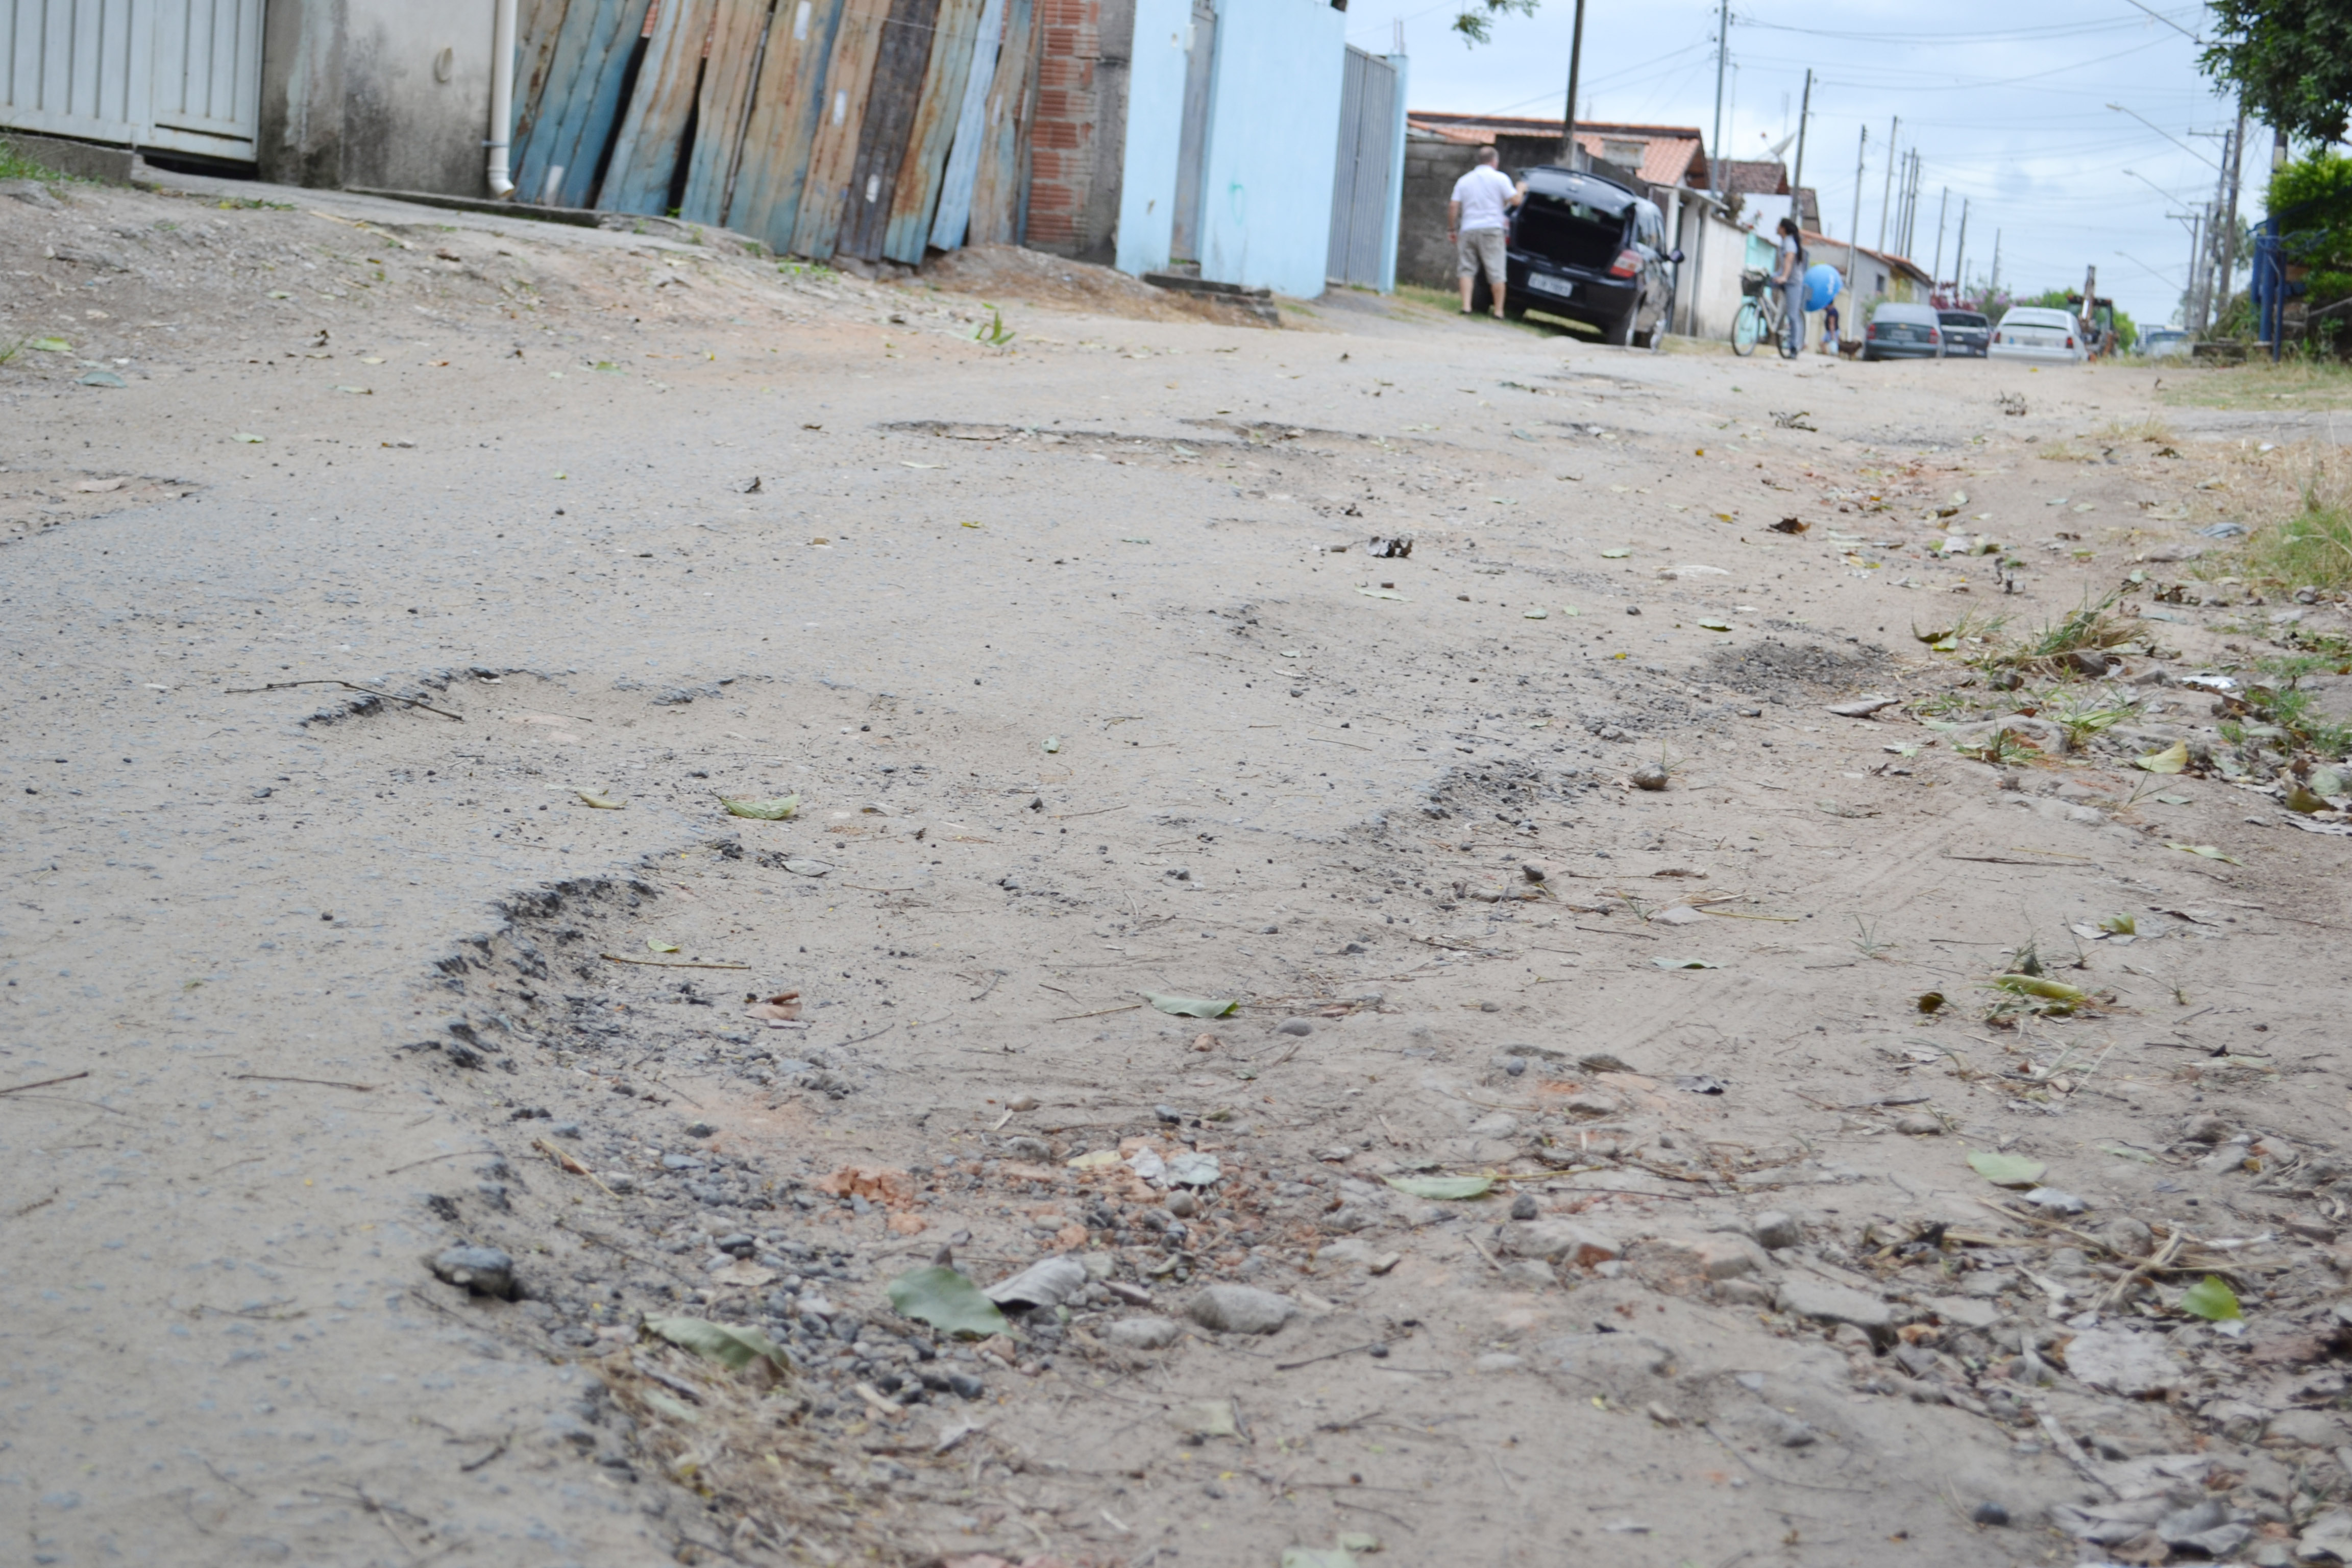 Rua em situação crítica de pavimentação no bairro Vila Bela; moradores cobram melhorias do prefeito Francisco Carlos (Lucas Barbosa)